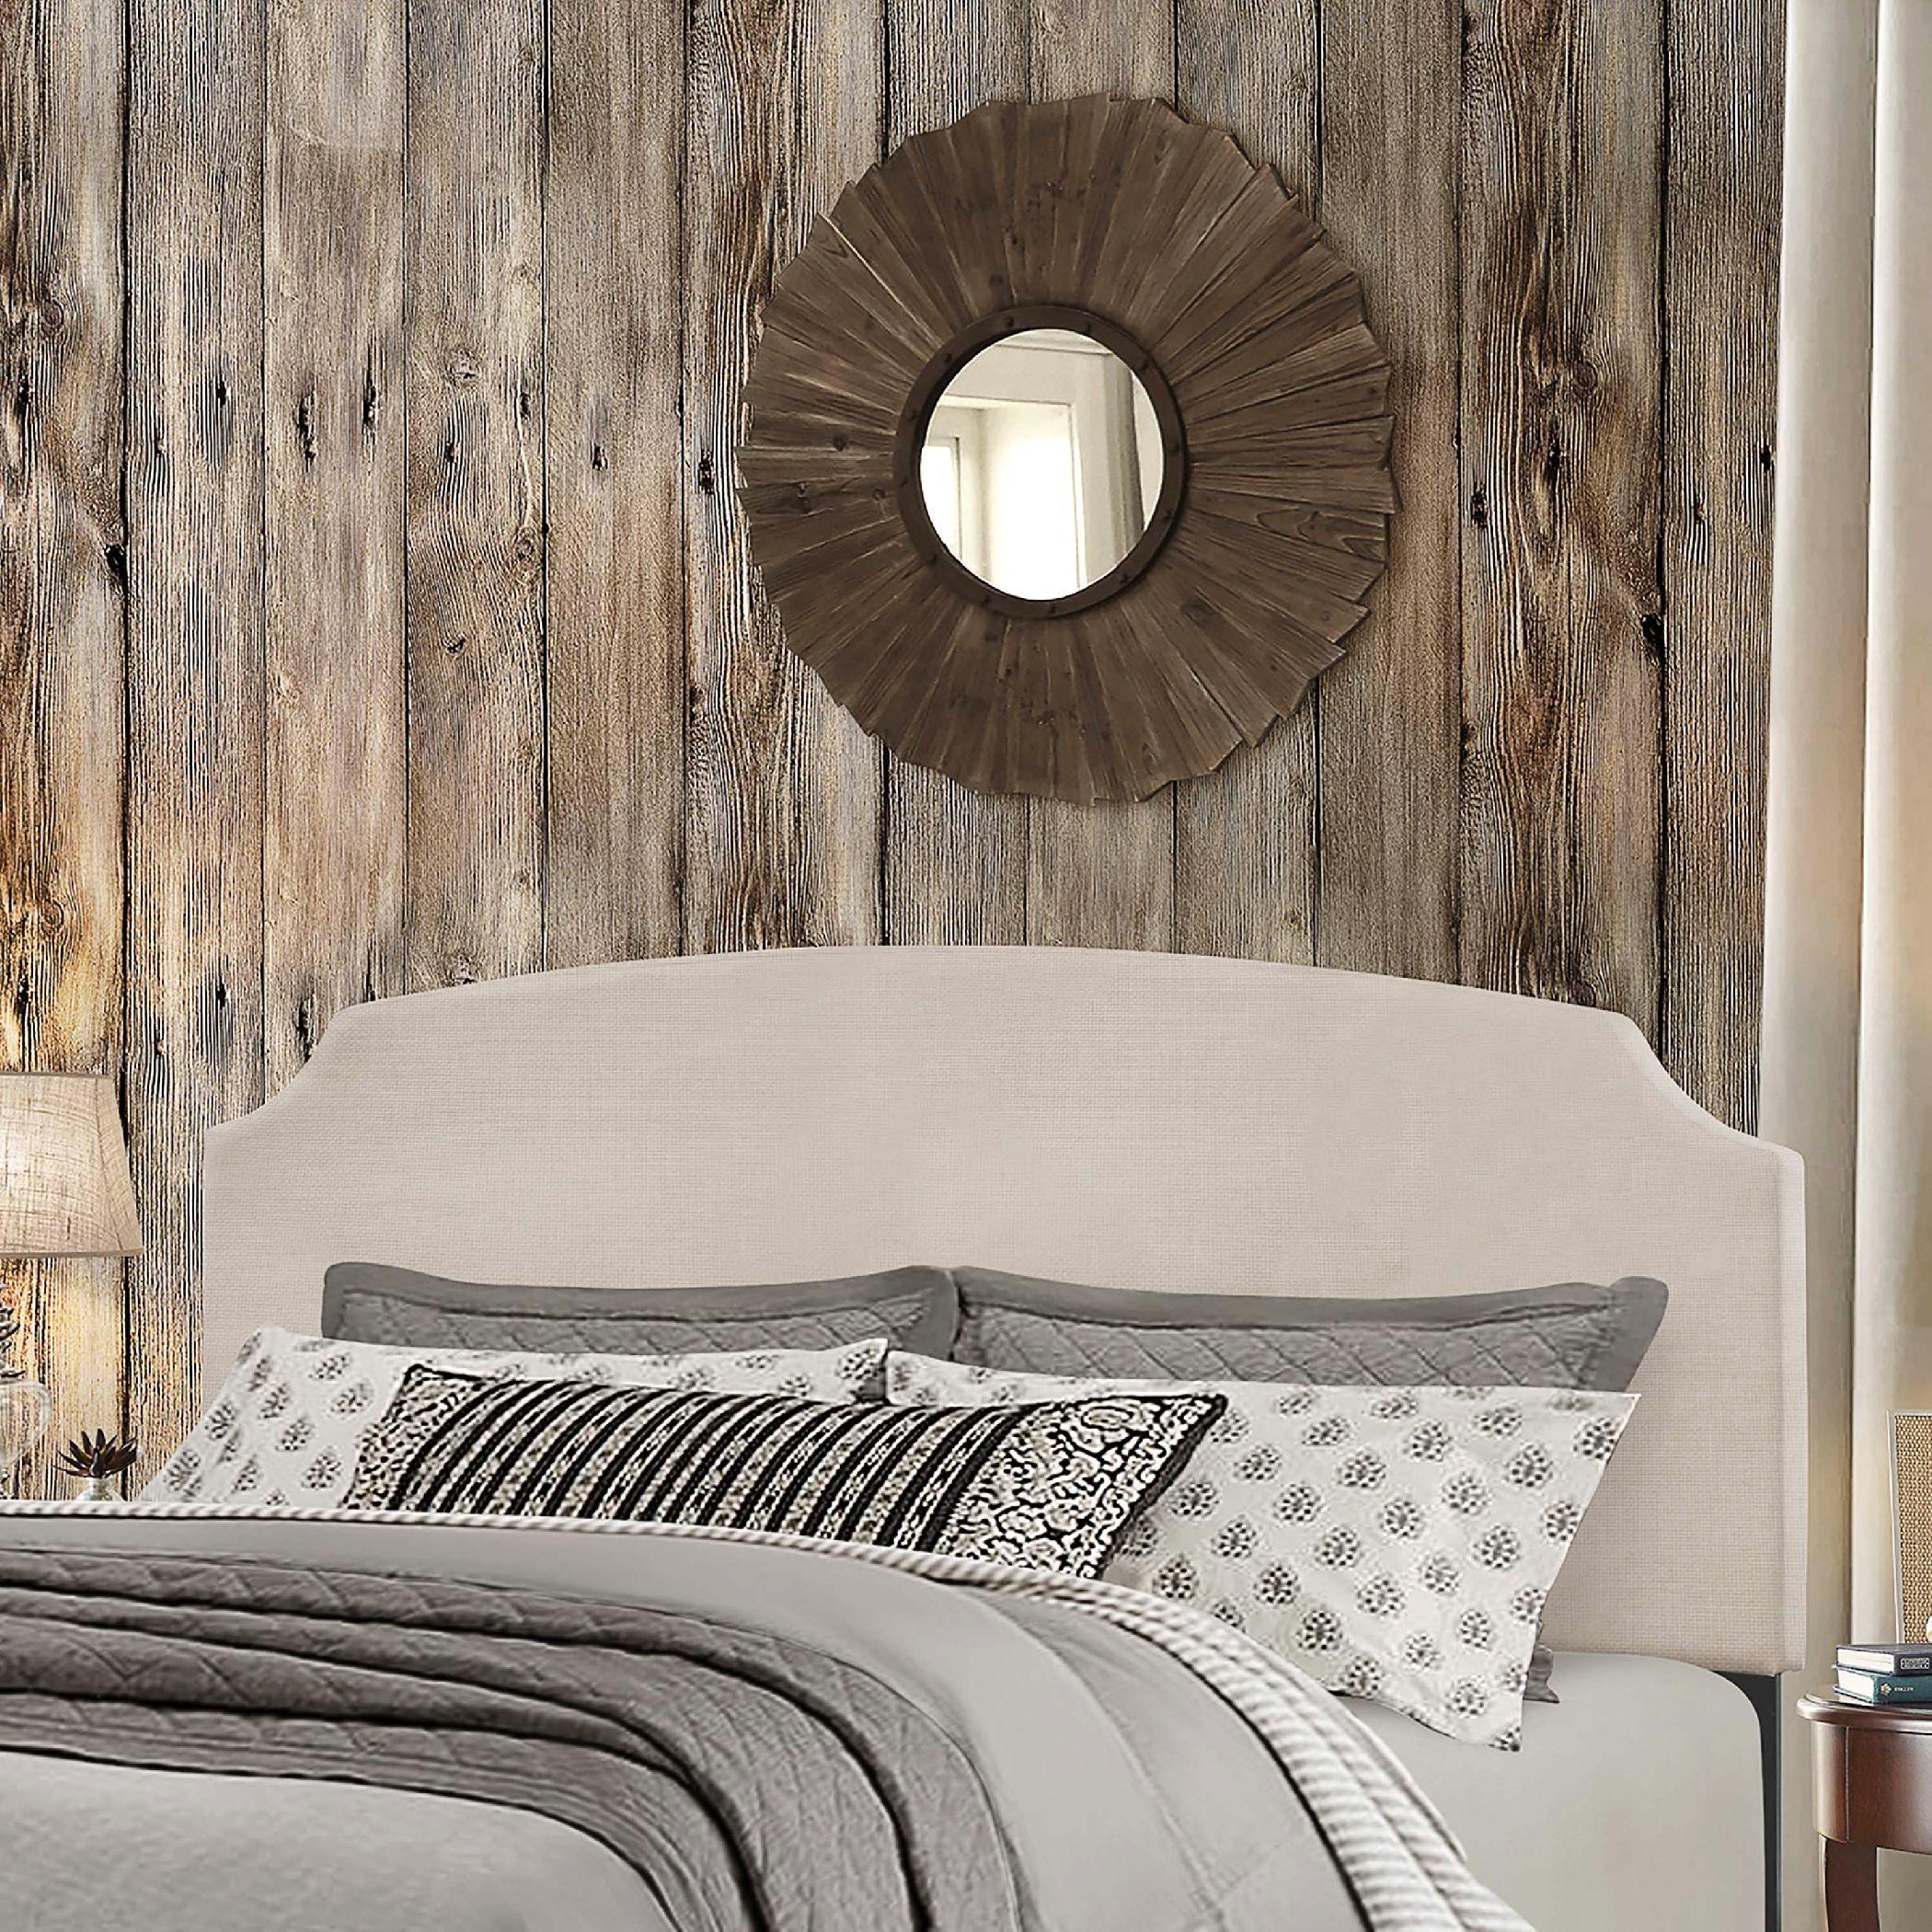 Beautiful Hillsdale Furniture Bedroom Desi Headboard   Full/Queen   Fog Fabric  2036 491   EMW Carpets U0026 Furniture   Denver, CO